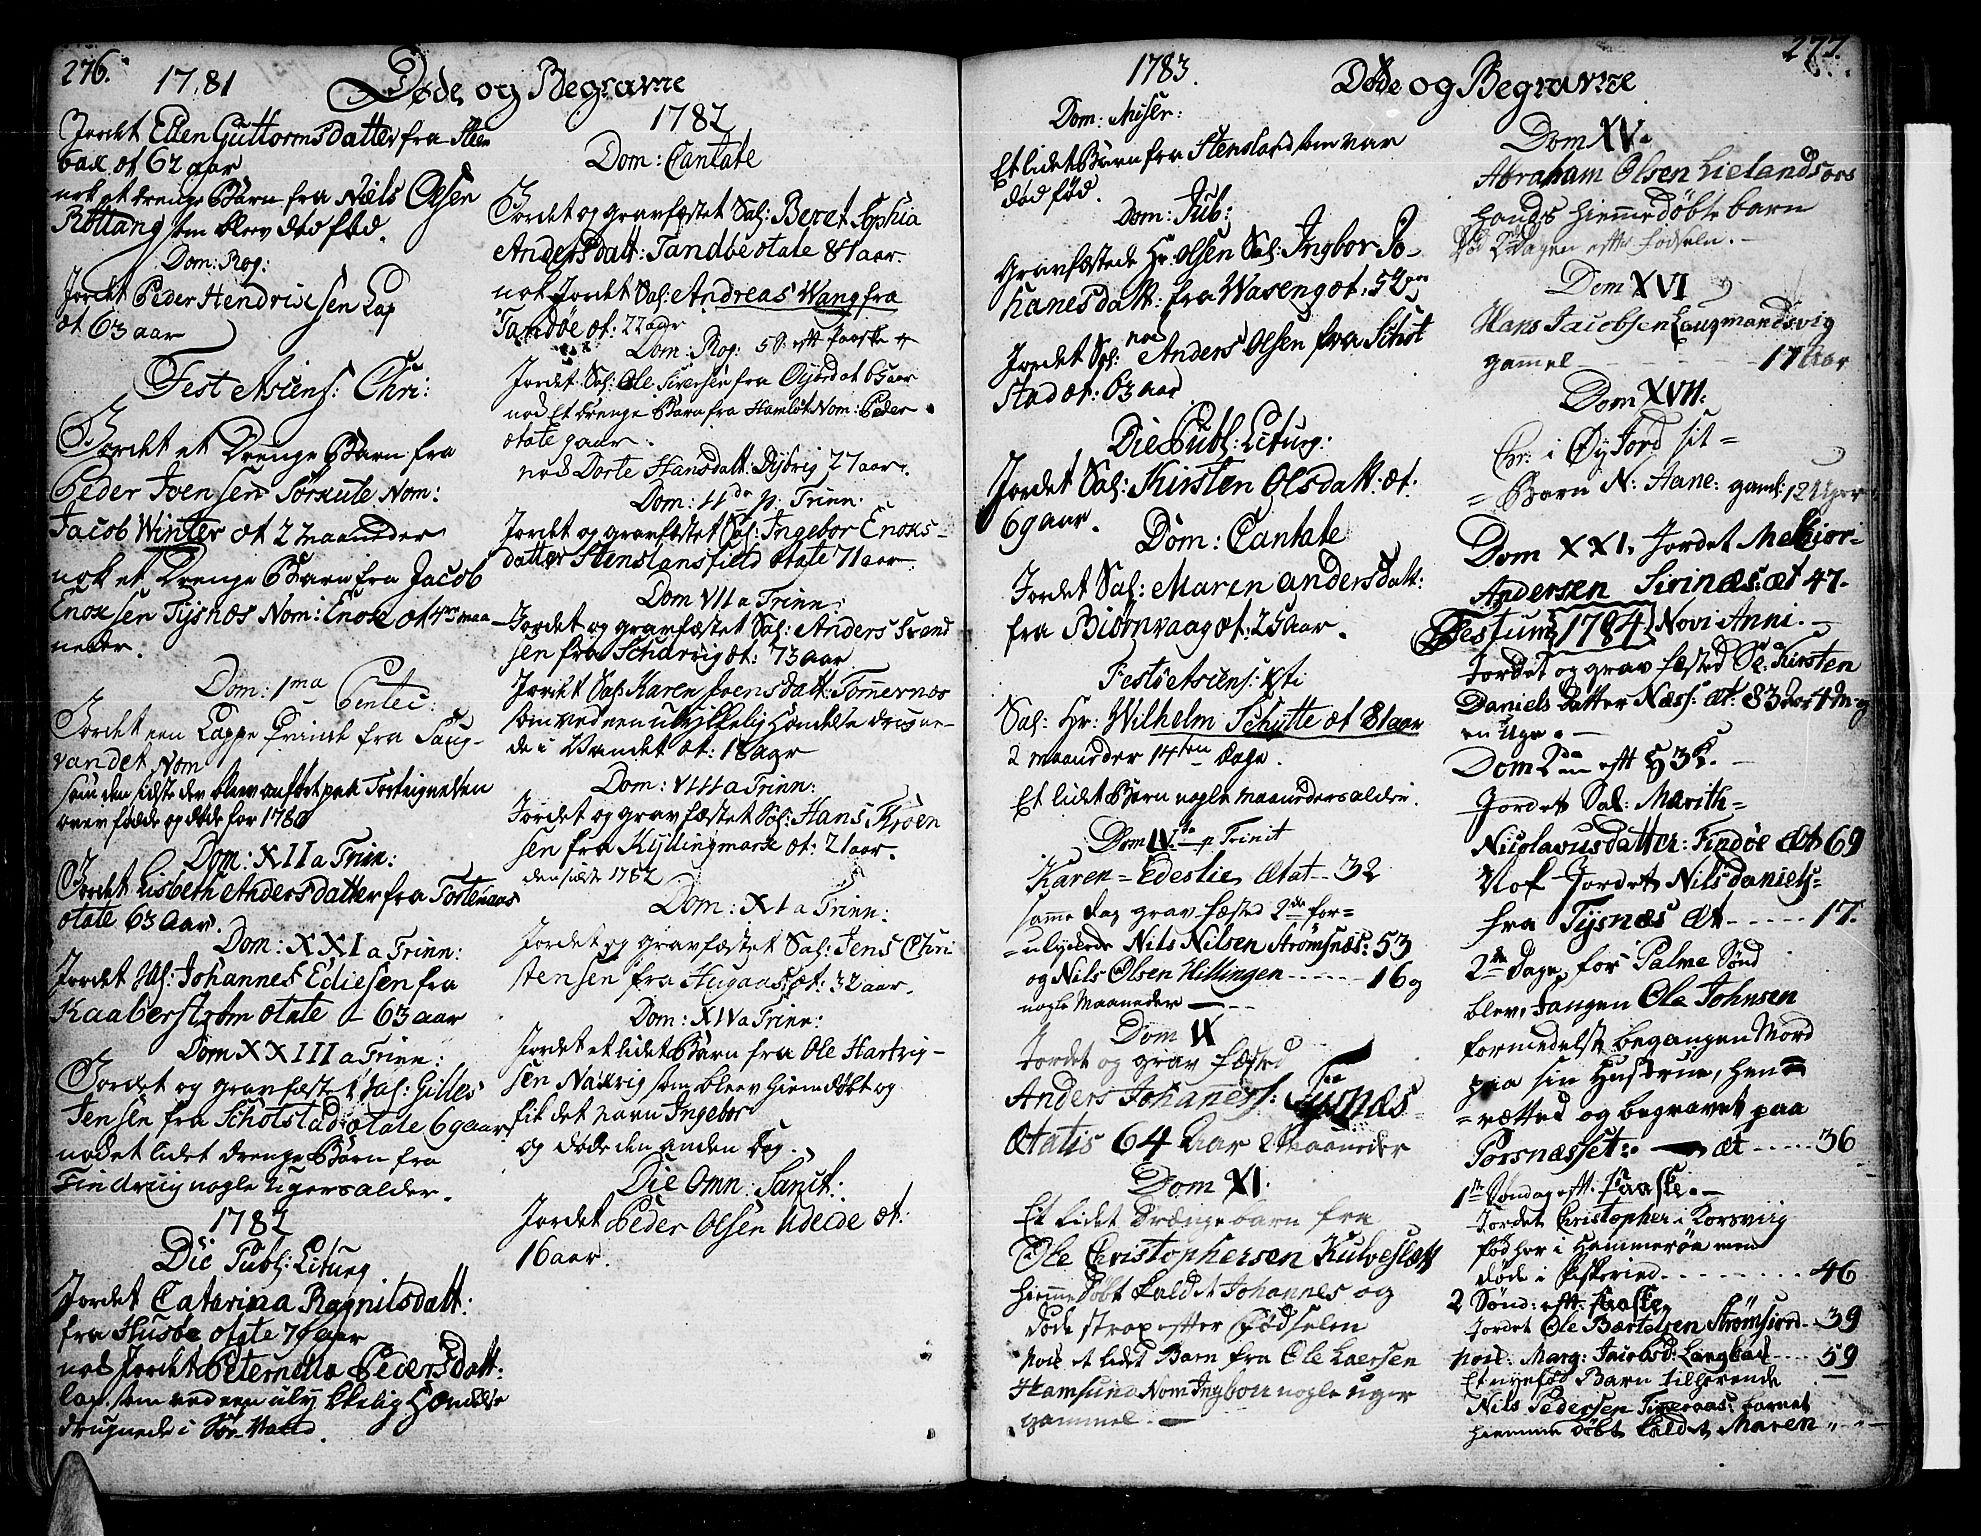 SAT, Ministerialprotokoller, klokkerbøker og fødselsregistre - Nordland, 859/L0841: Parish register (official) no. 859A01, 1766-1821, p. 276-277